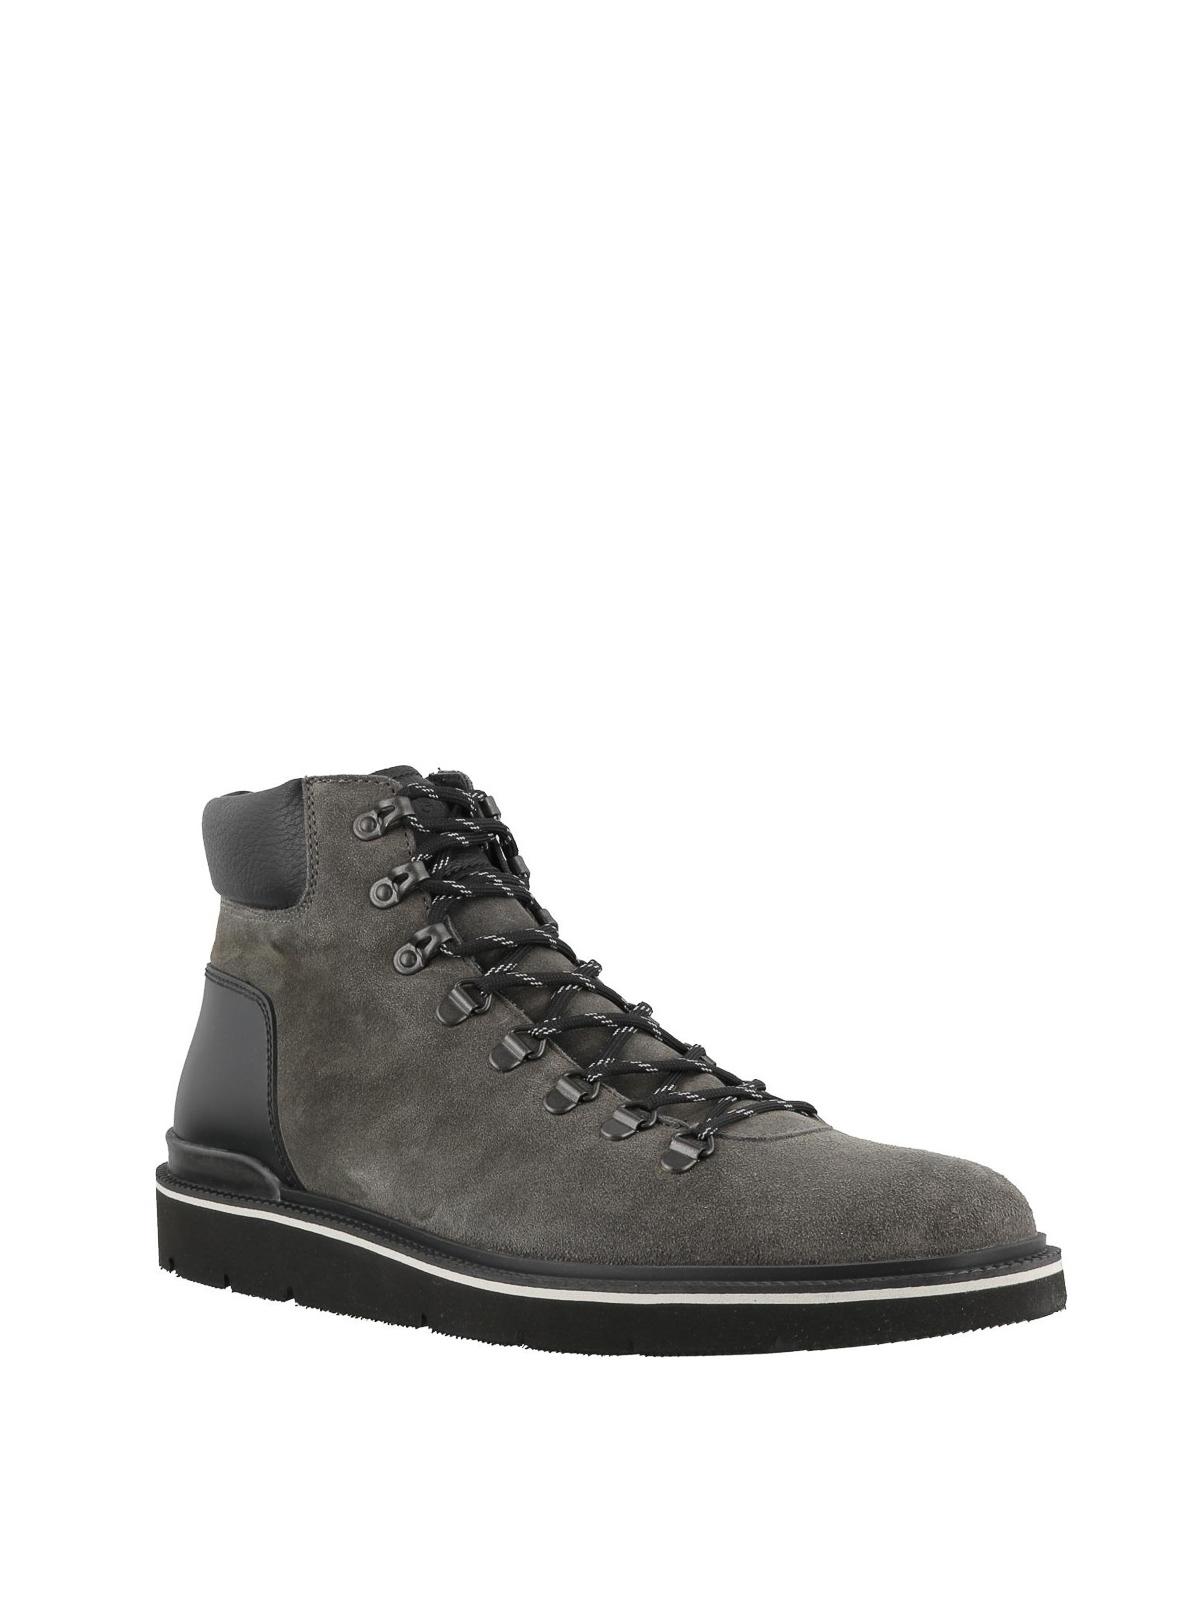 Boots Hogan - H334 hiking boots - HXM3920Z490JID6EEN